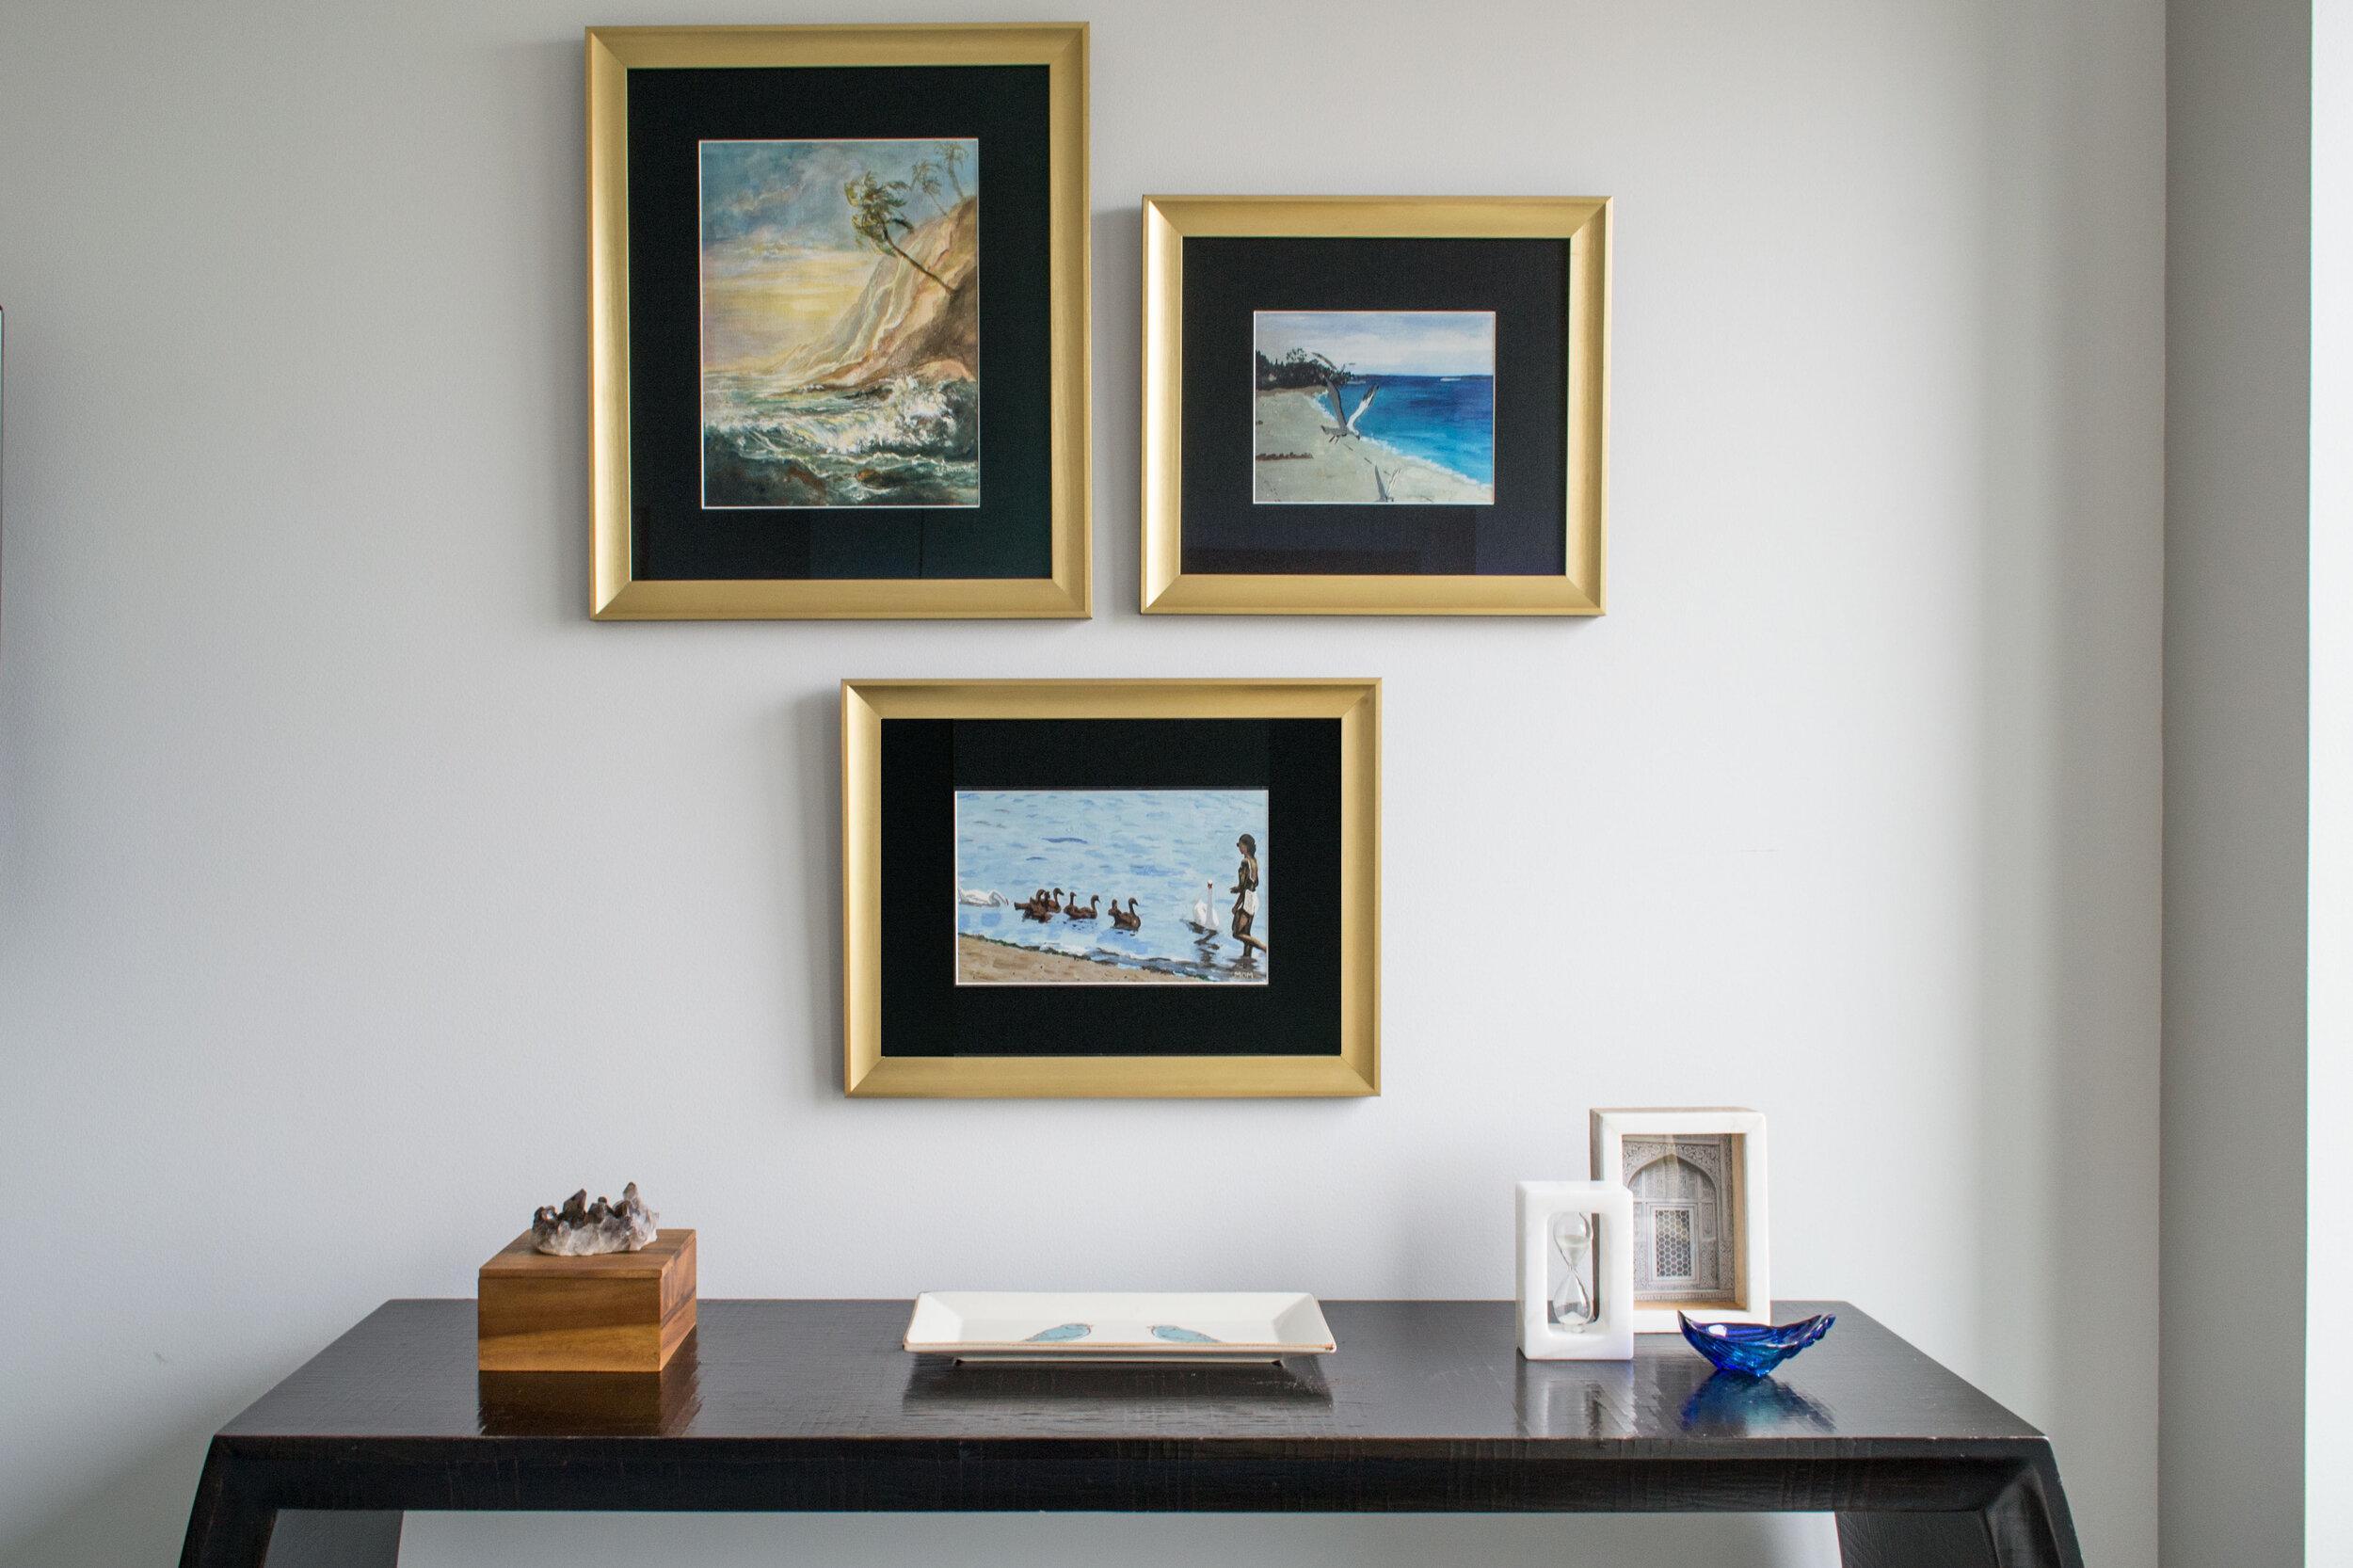 bedroom-navy-tc-interiors-1.jpg